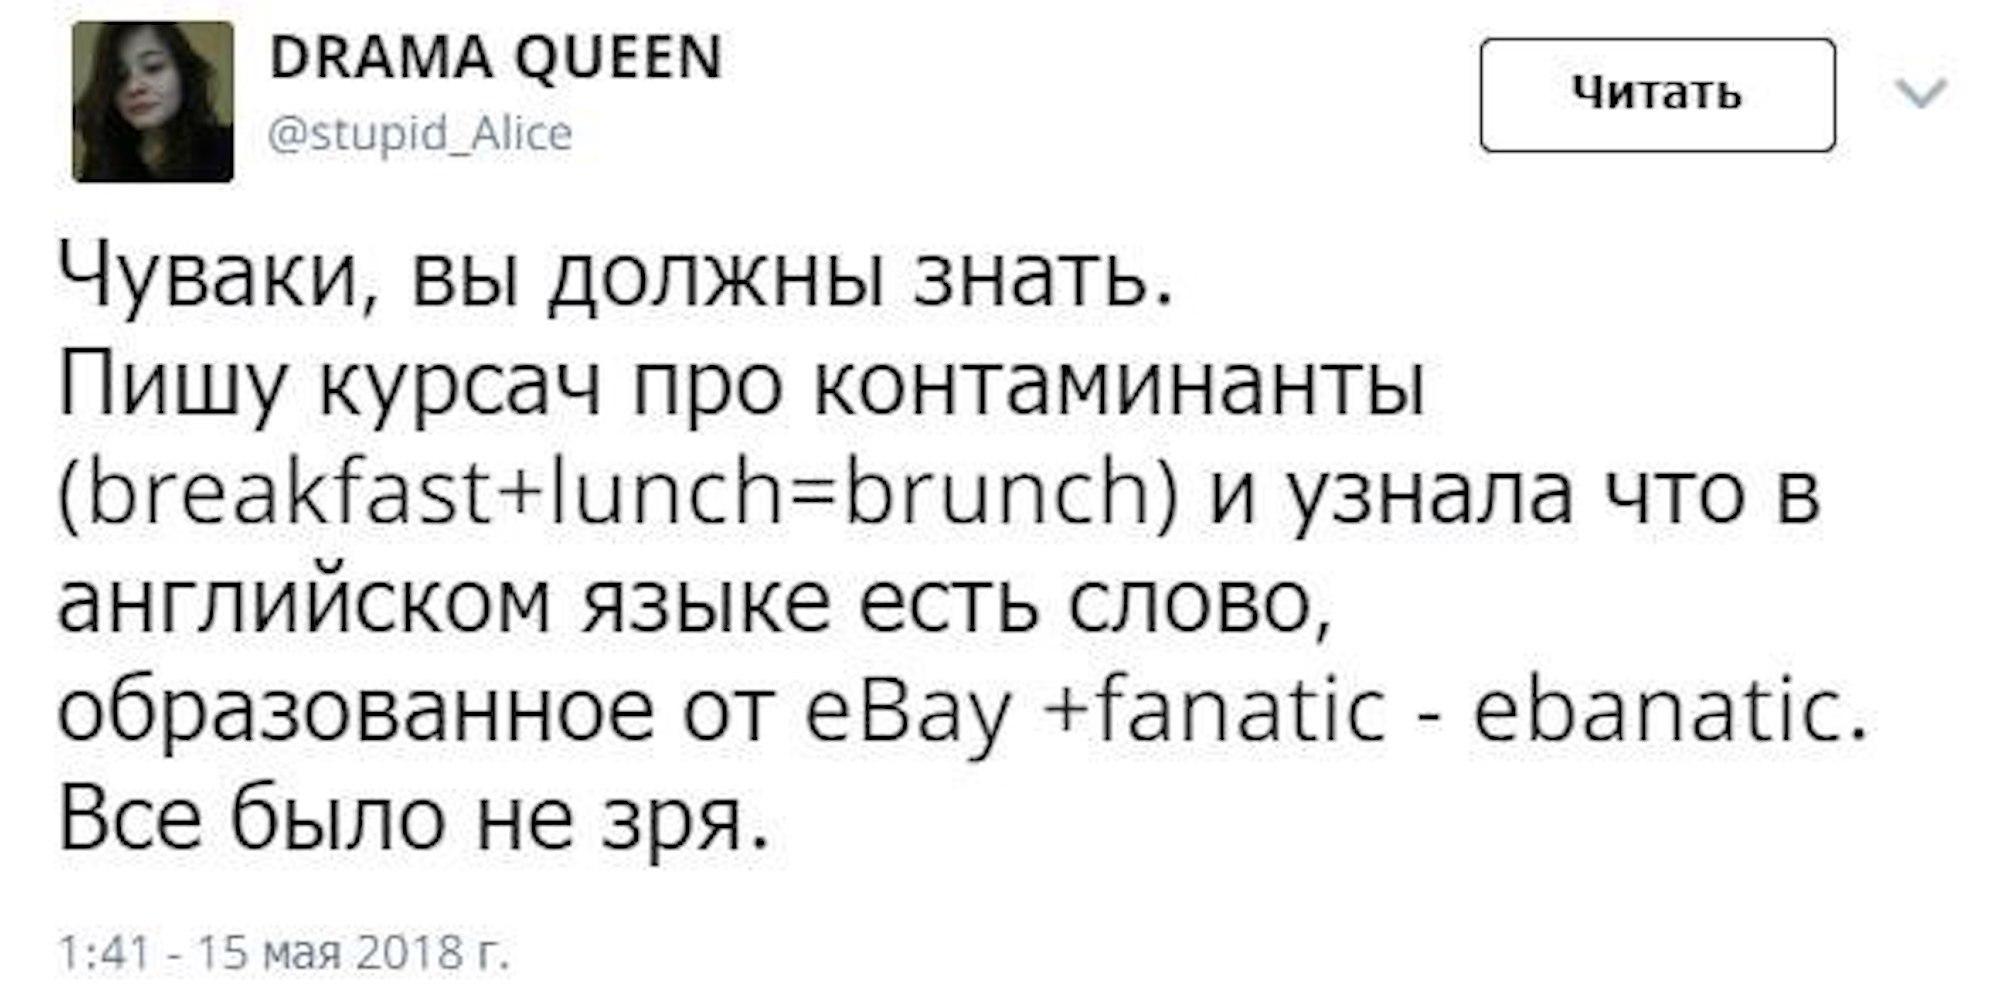 изображение: - Чуваки, вы должны знать. Пишу курсач про контаминанты (breakfast + lunch = brunch) и узнала, что в английском есть слово, образованное от eBay + fanatic - ebanatic. Всё было не зря.. #Прикол